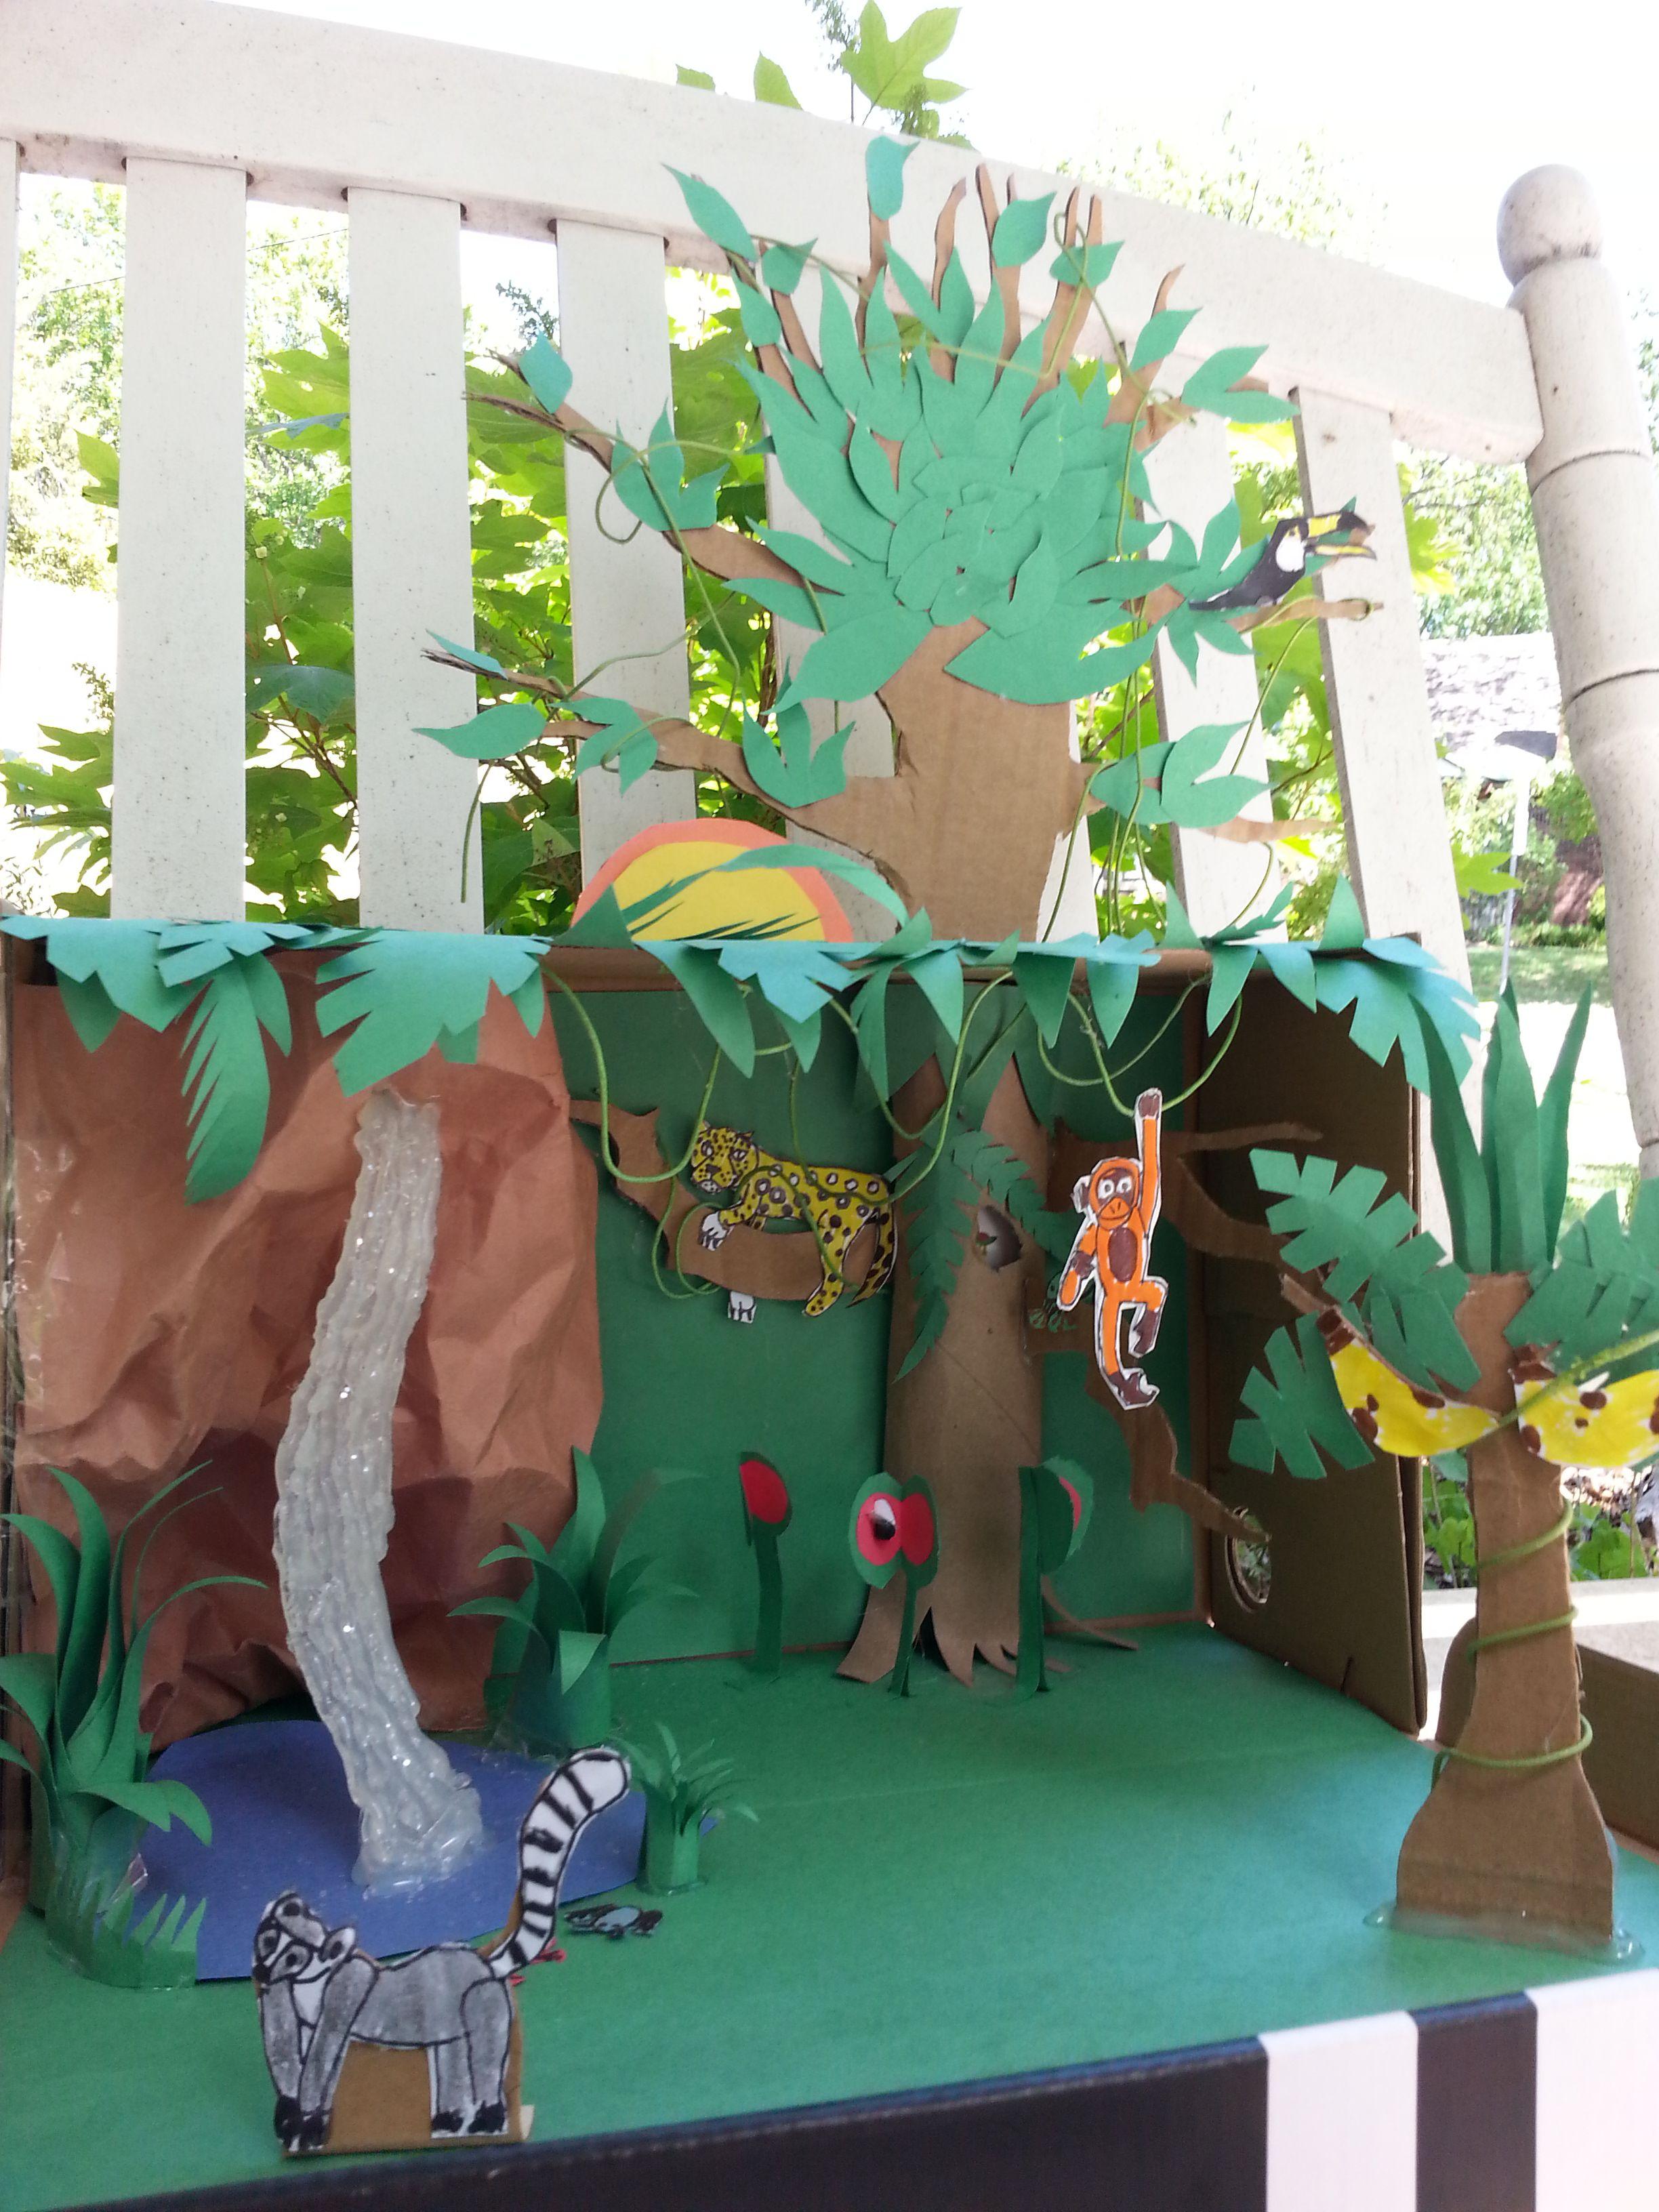 Diorama Rainforest Diorama